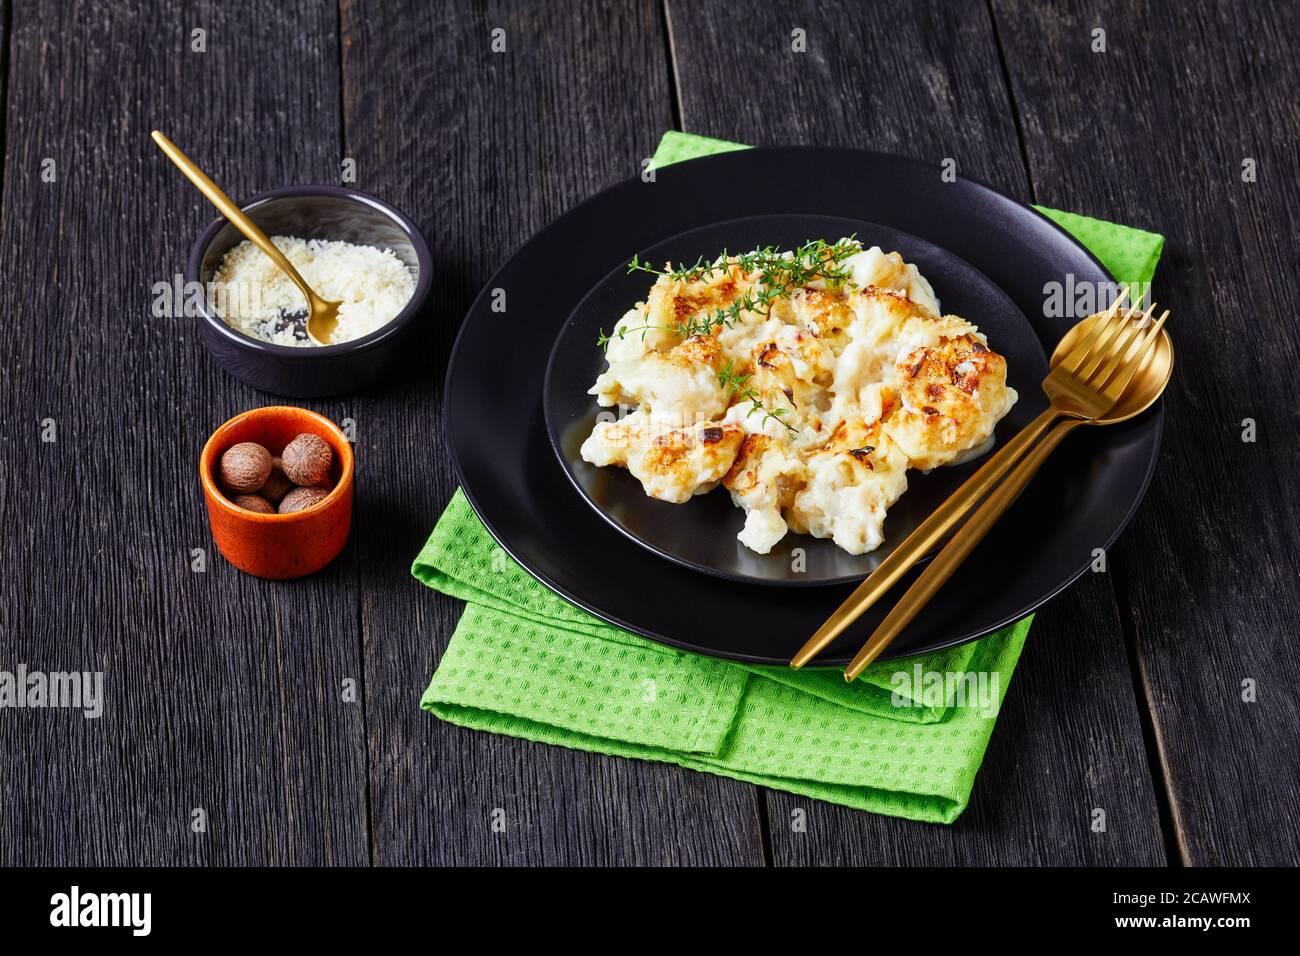 Cocotte de chou-fleur servie sur une assiette noire avec thym frais sur fond de bois avec muscade, parmesan râpé et couverts, Banque D'Images